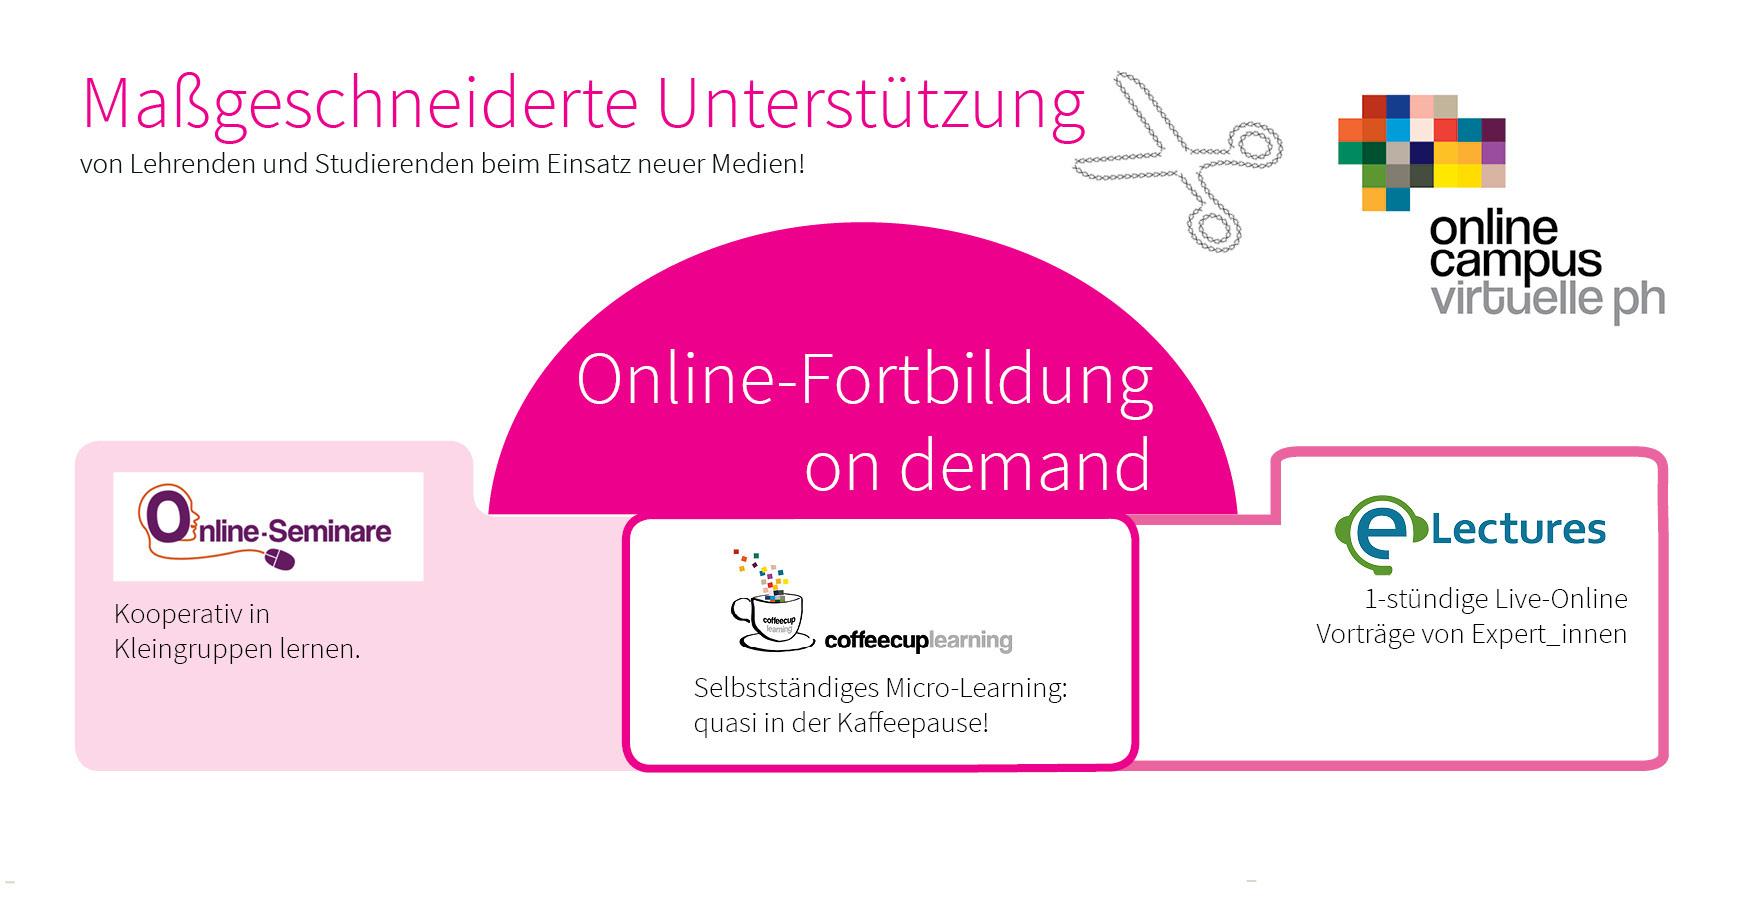 Jetzt Infoblatt downloaden und verteilen!